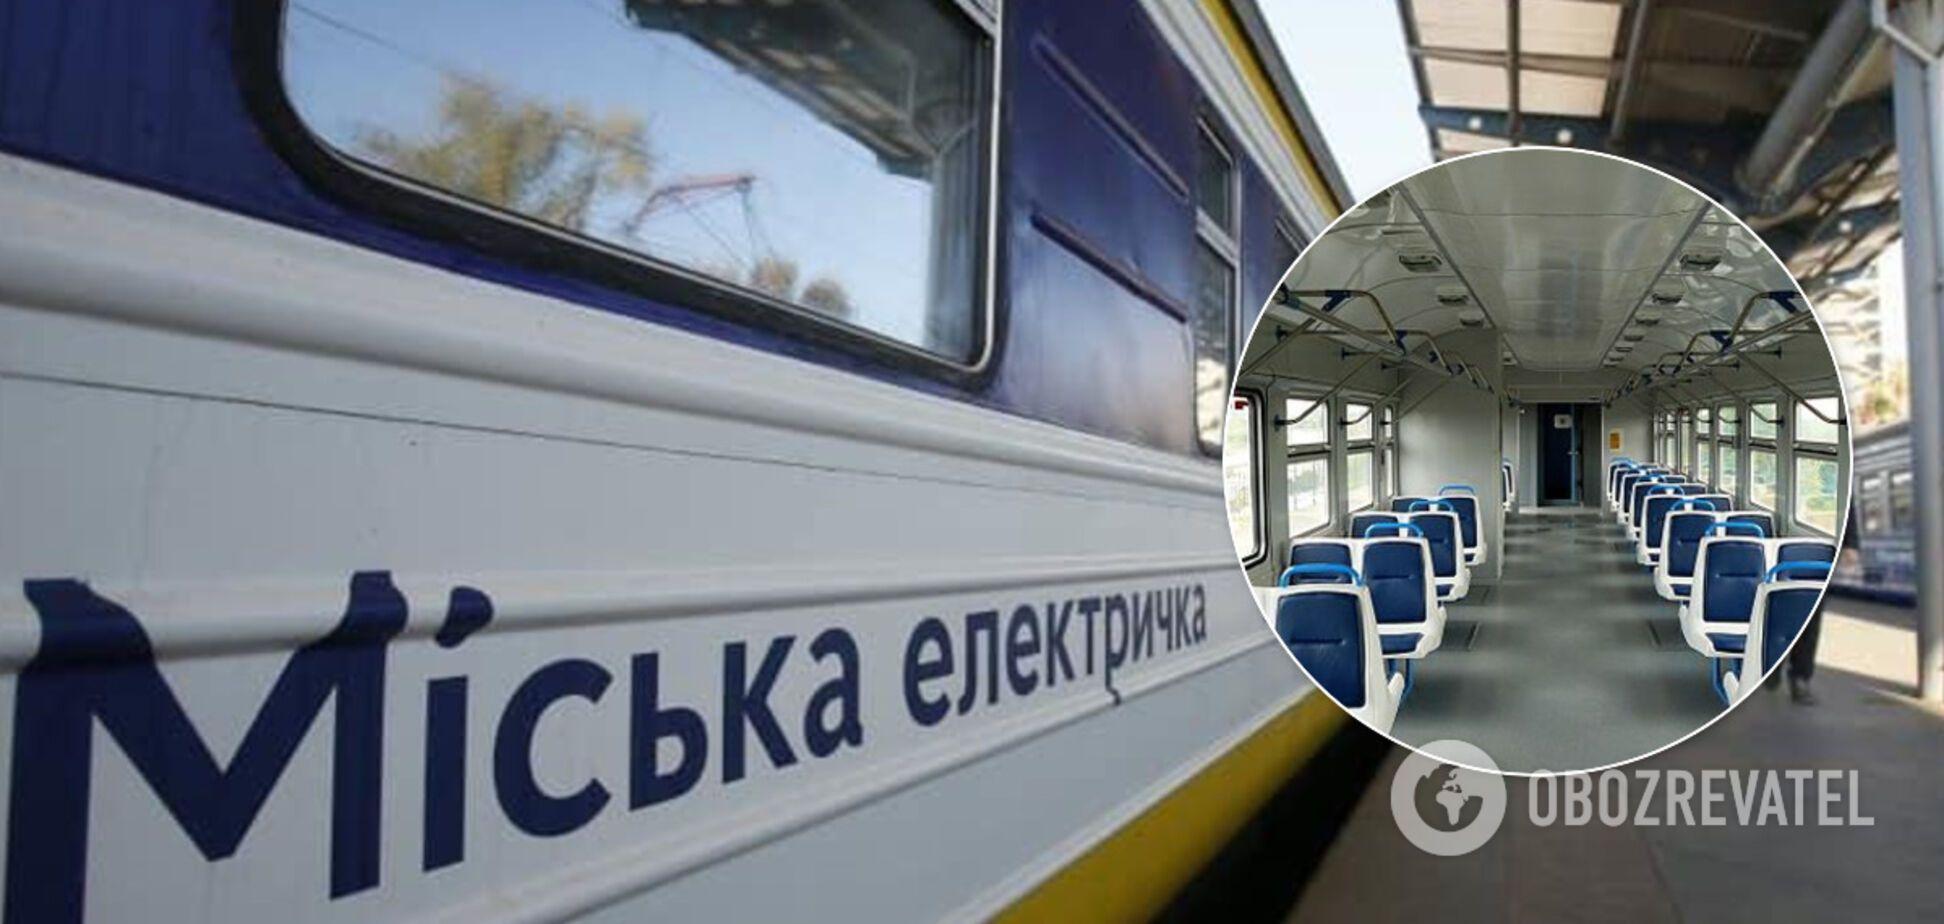 Городская электричка Киева